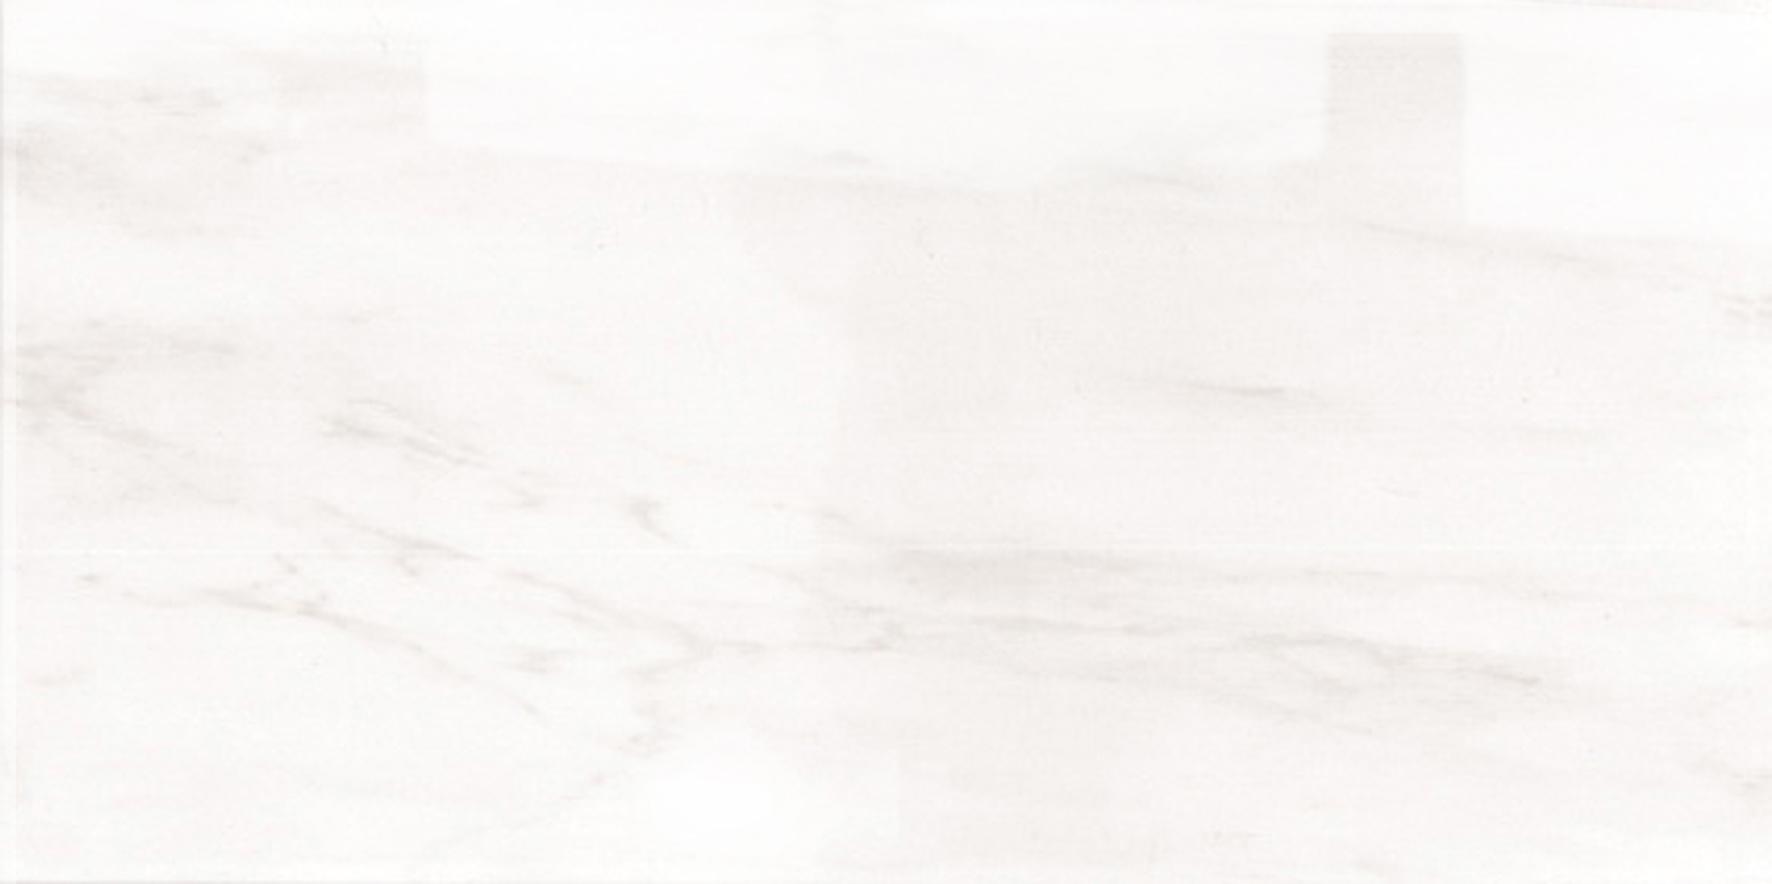 RIVER grau marmor glänzend Image